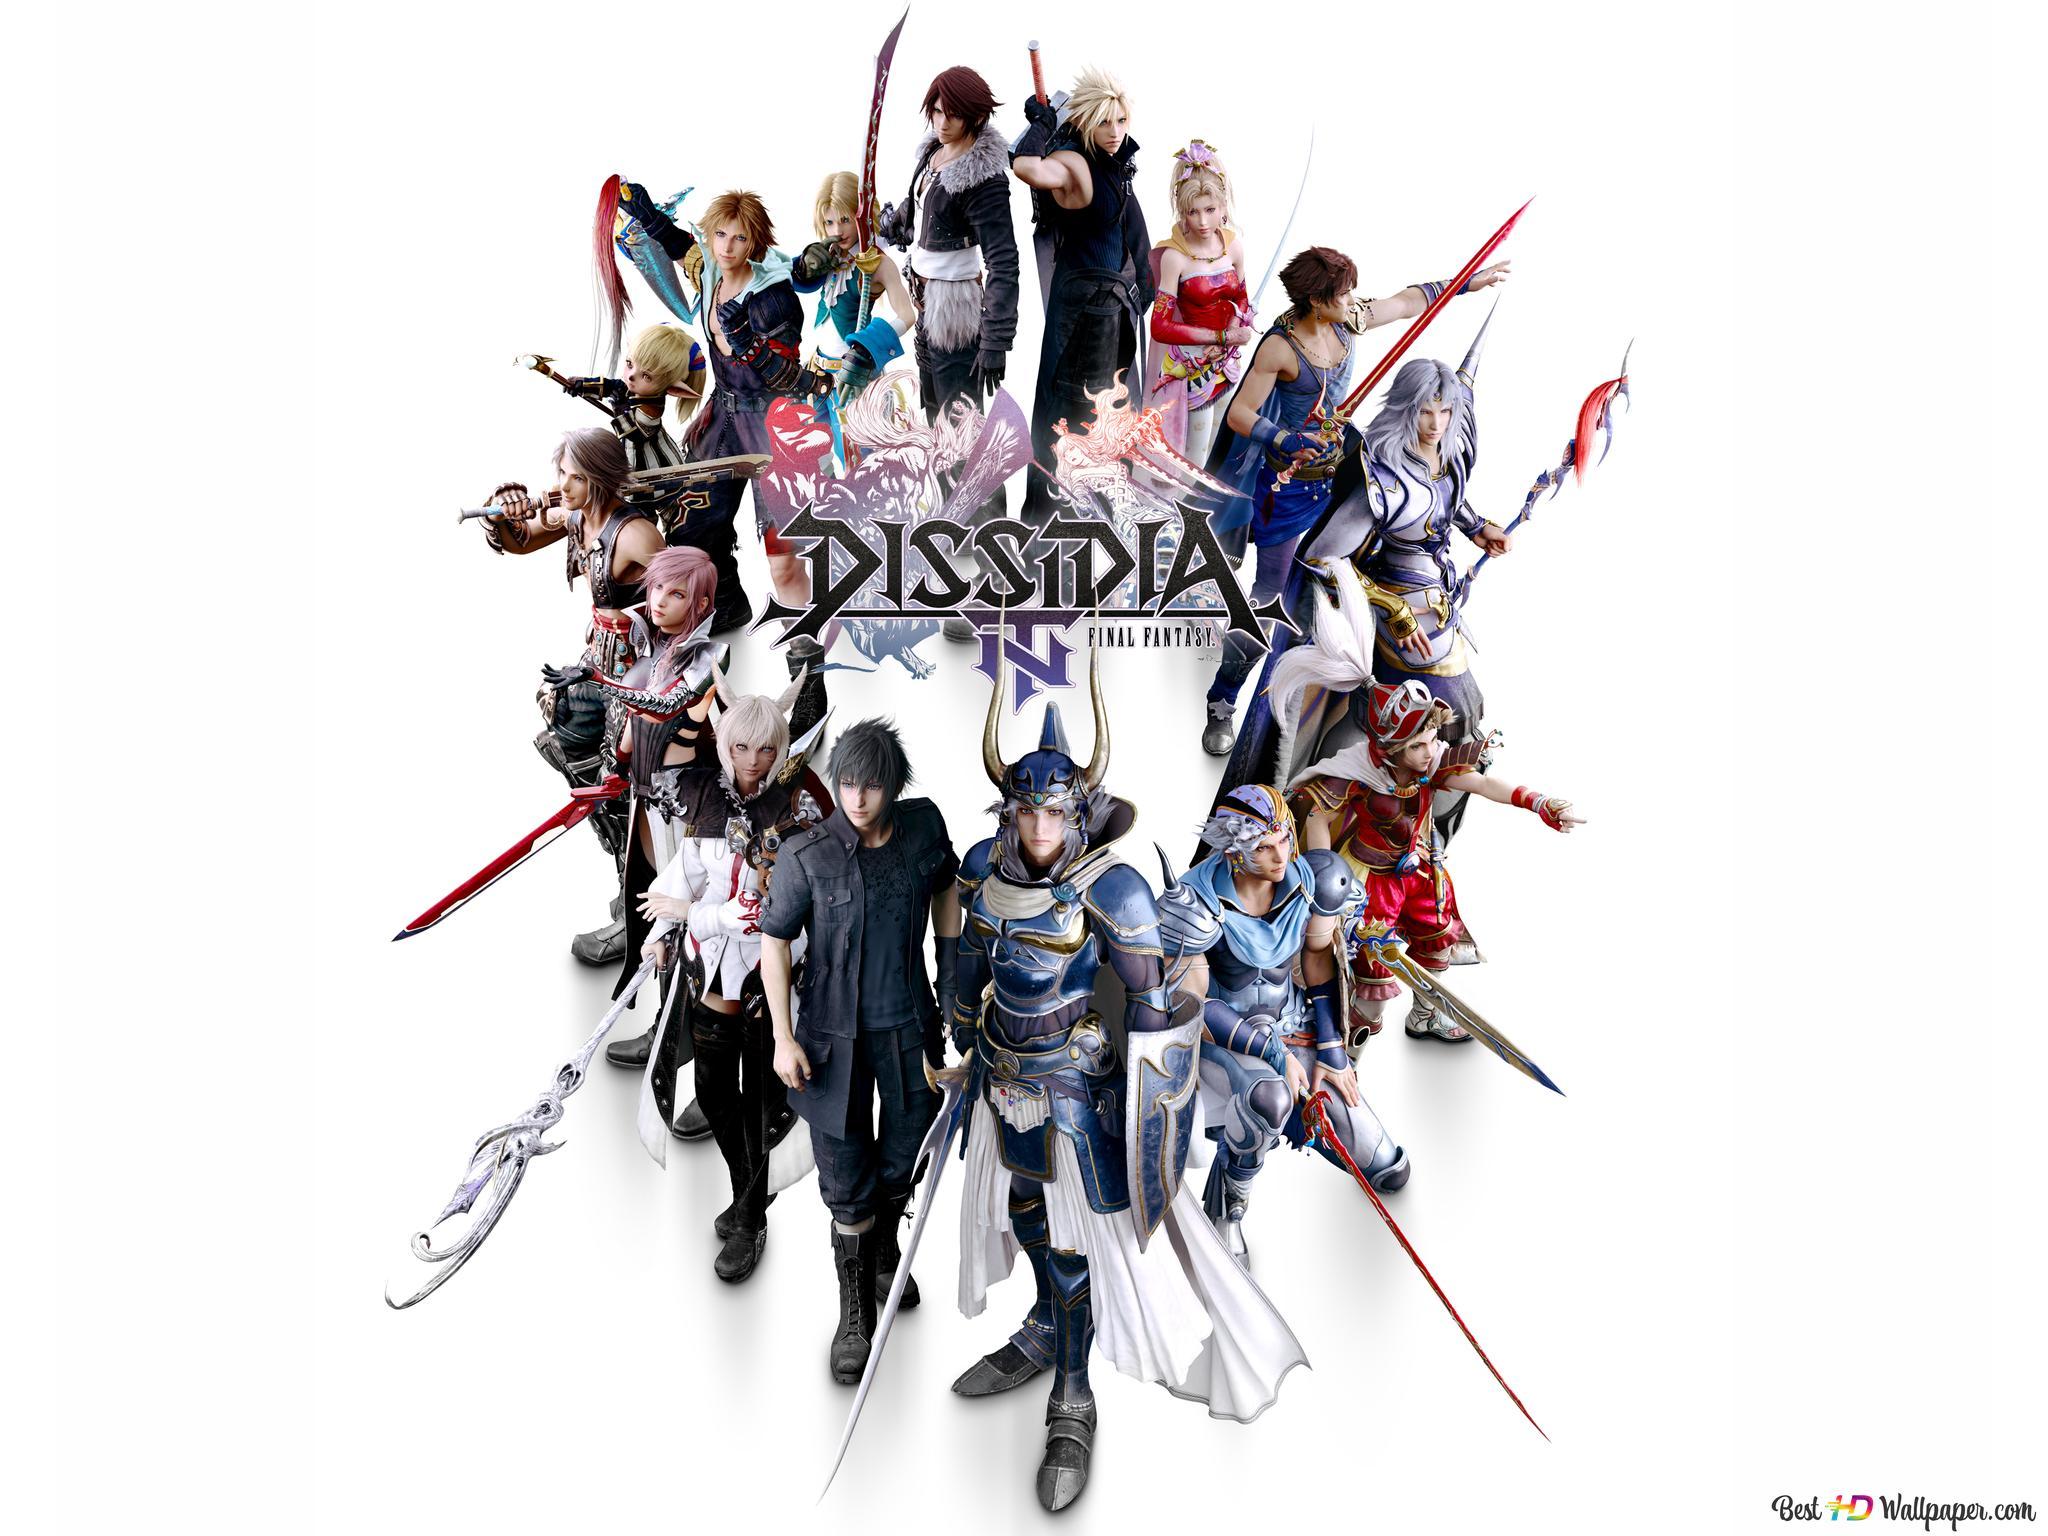 Dissidia Final Fantasy Nt Hd Wallpaper Download